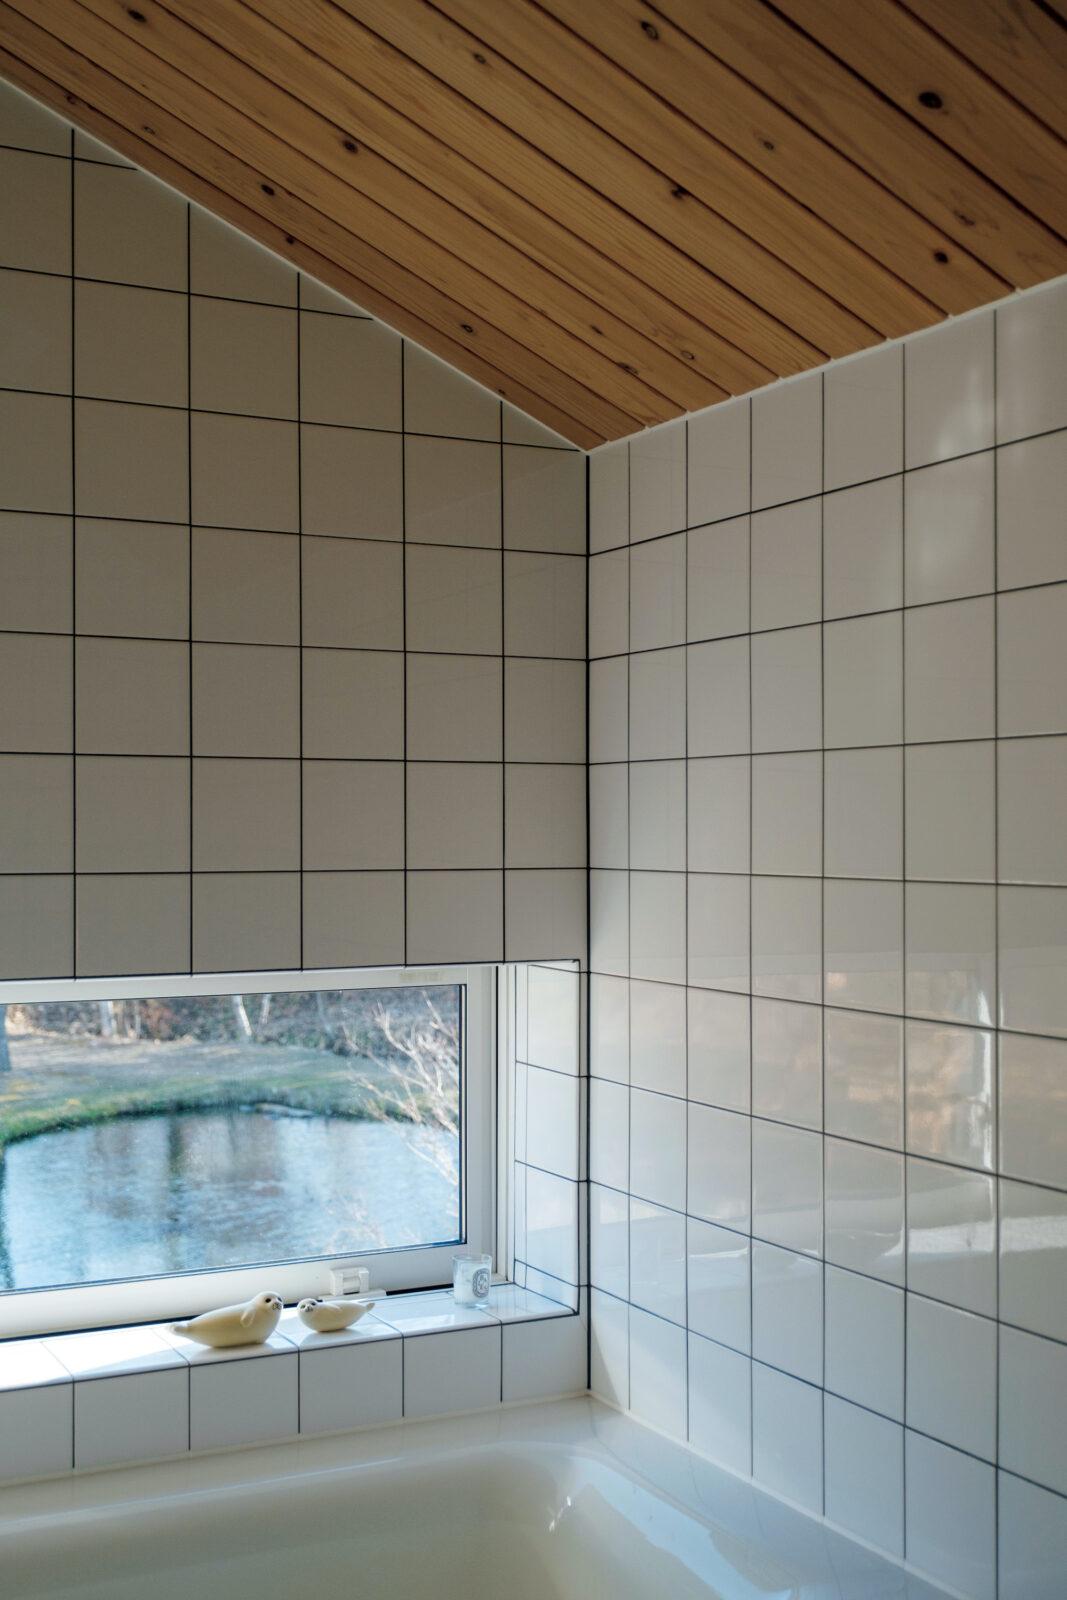 """2階のバスルームの窓からも池が見える。お風呂は温泉""""かもしれない""""地下水を沸かして使用。窓辺の陶器のオブジェは、リサ・ラーソン。北の家には北欧のデザインがよく似合う。"""